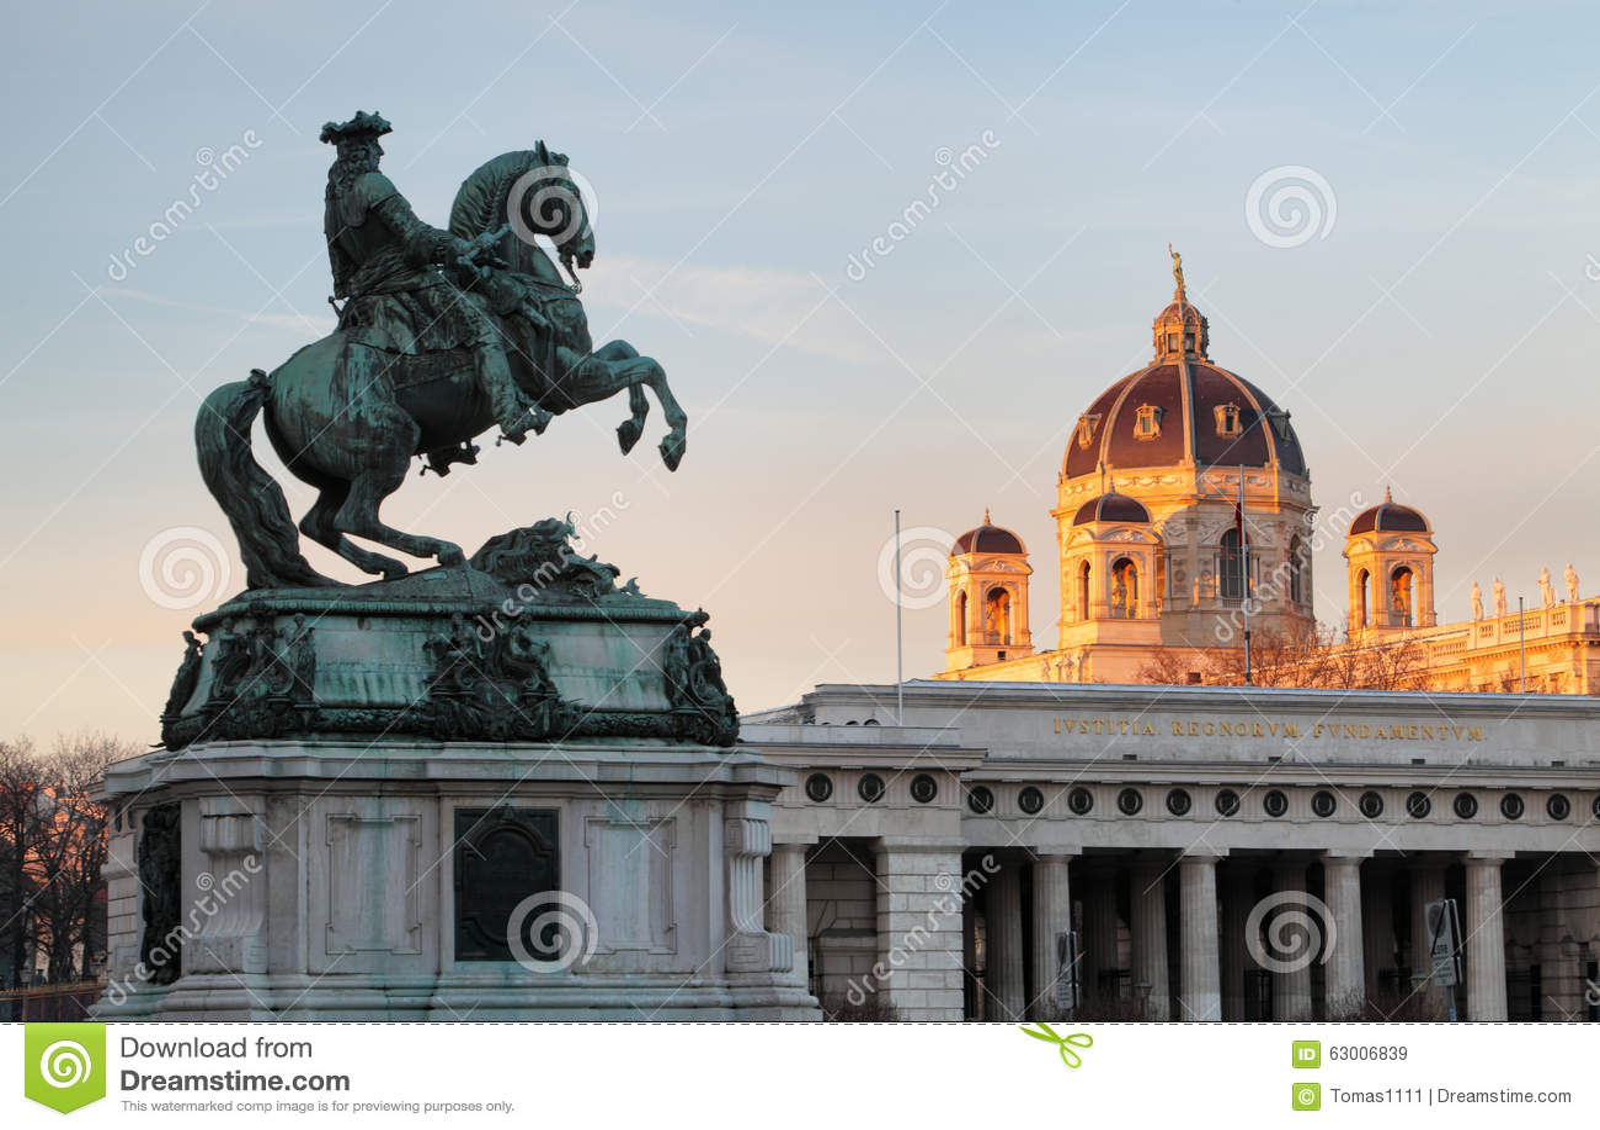 Βιέννη/Wien, Αυστρία - μνημείο αλόγων και αναβατών